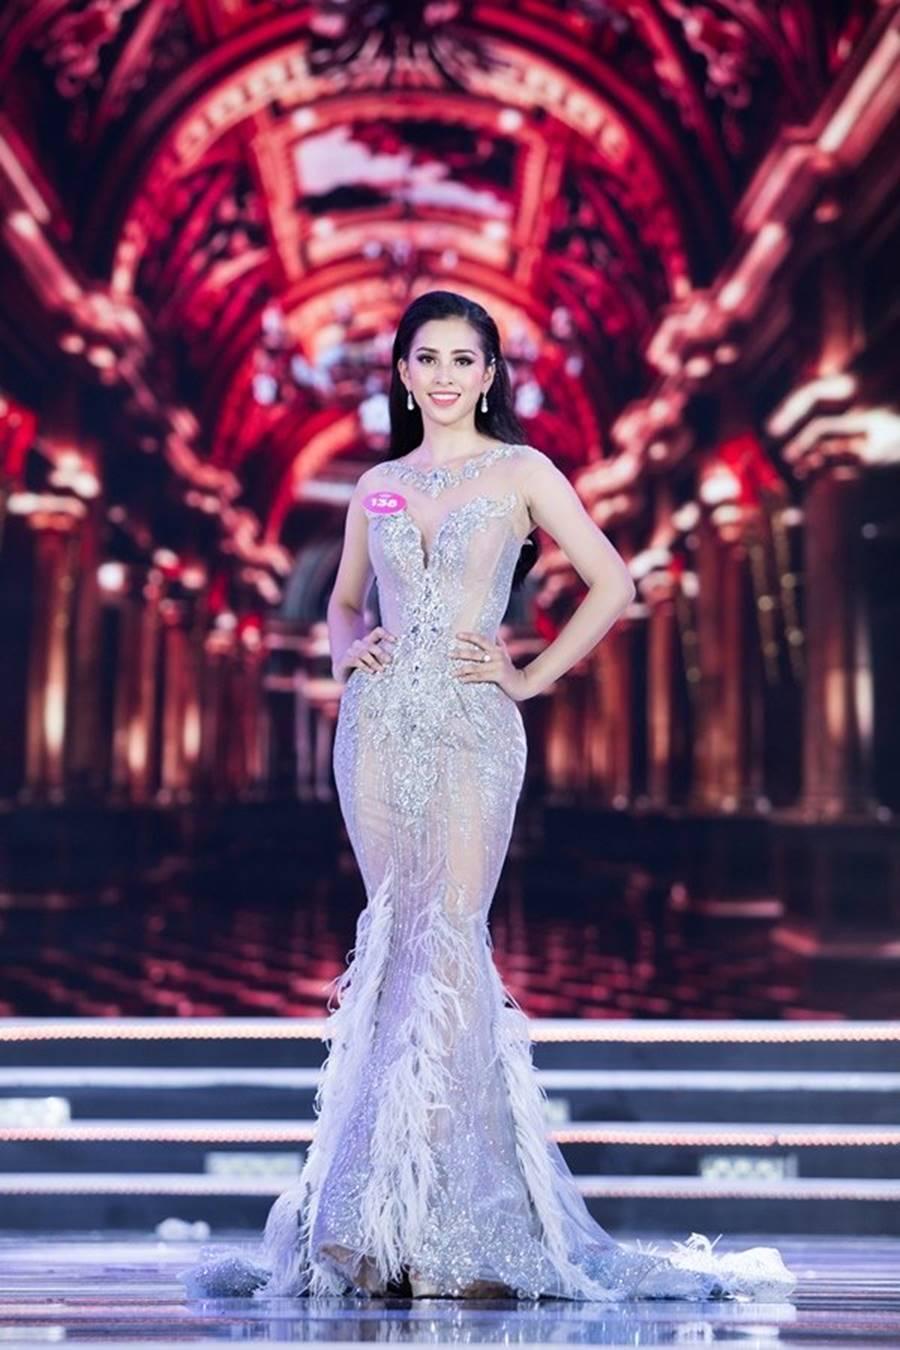 Vẻ đẹp nóng bỏng của Top 5 Hoa hậu Việt Nam 2018-2